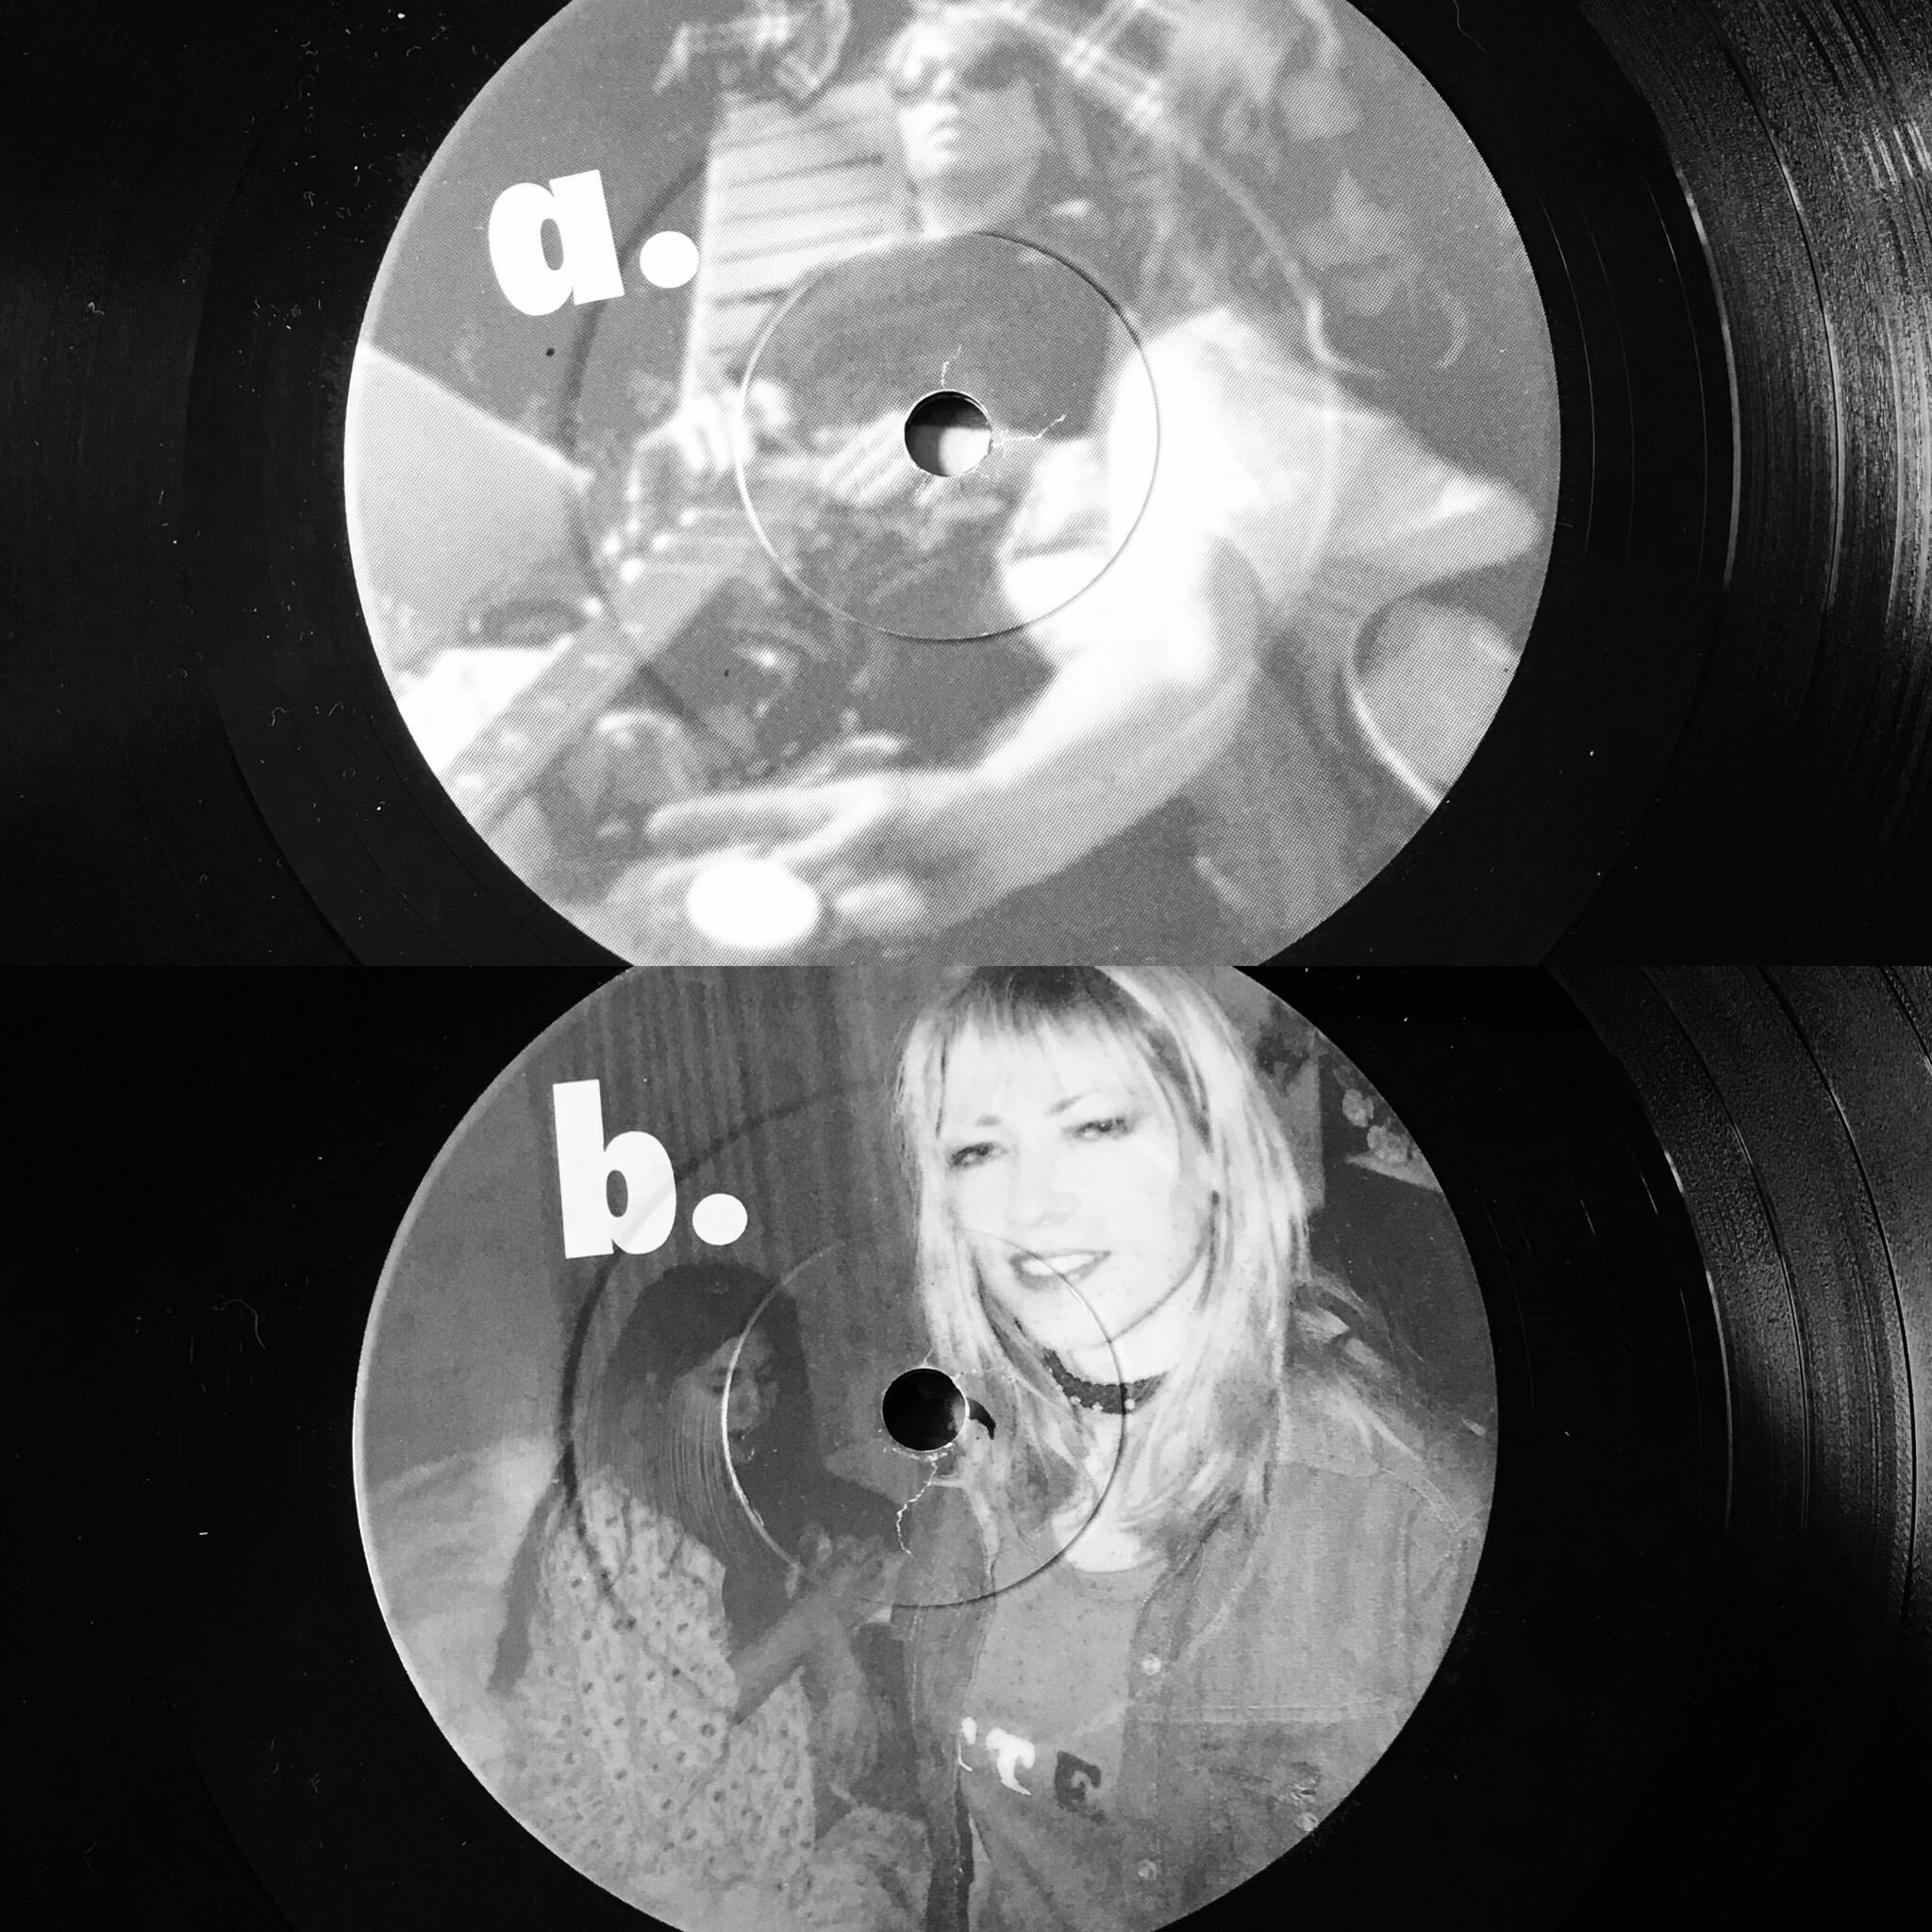 unboxed vinyl.jpg